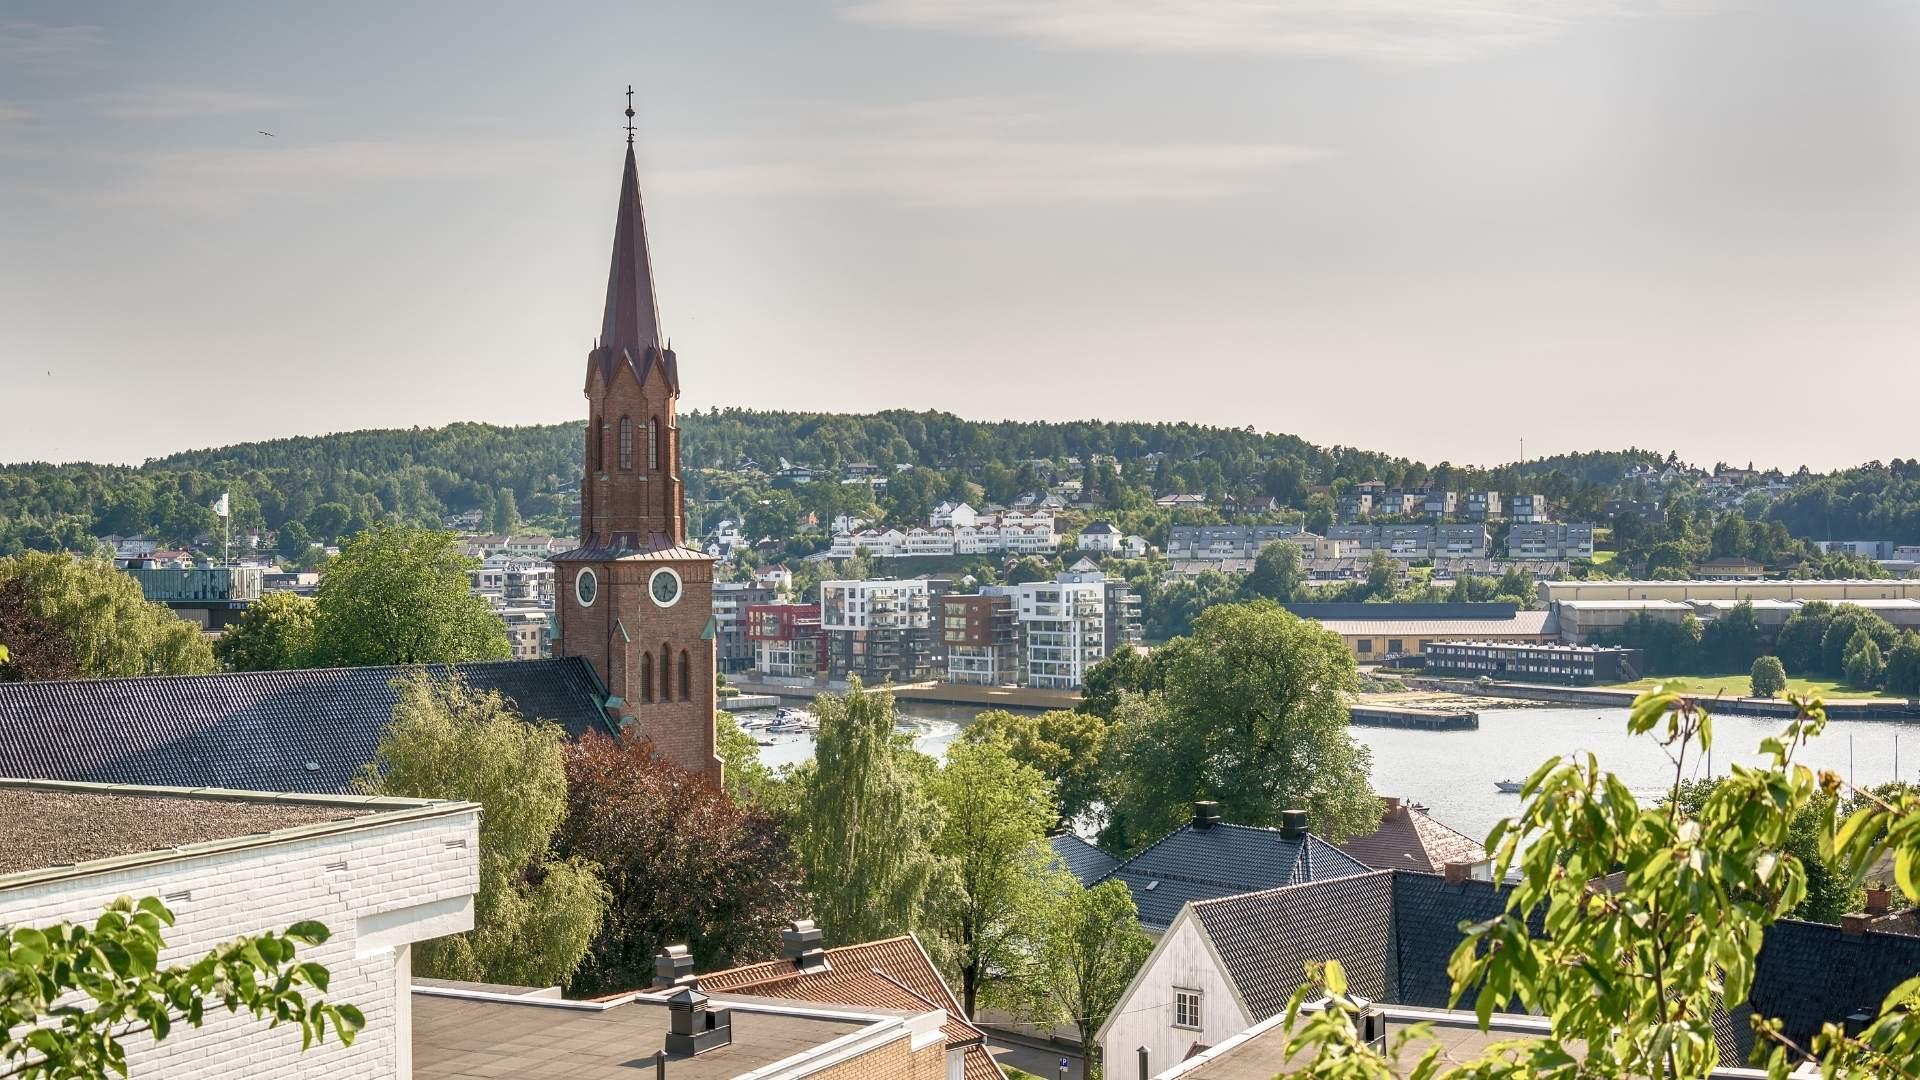 Tønsberg Domkirke